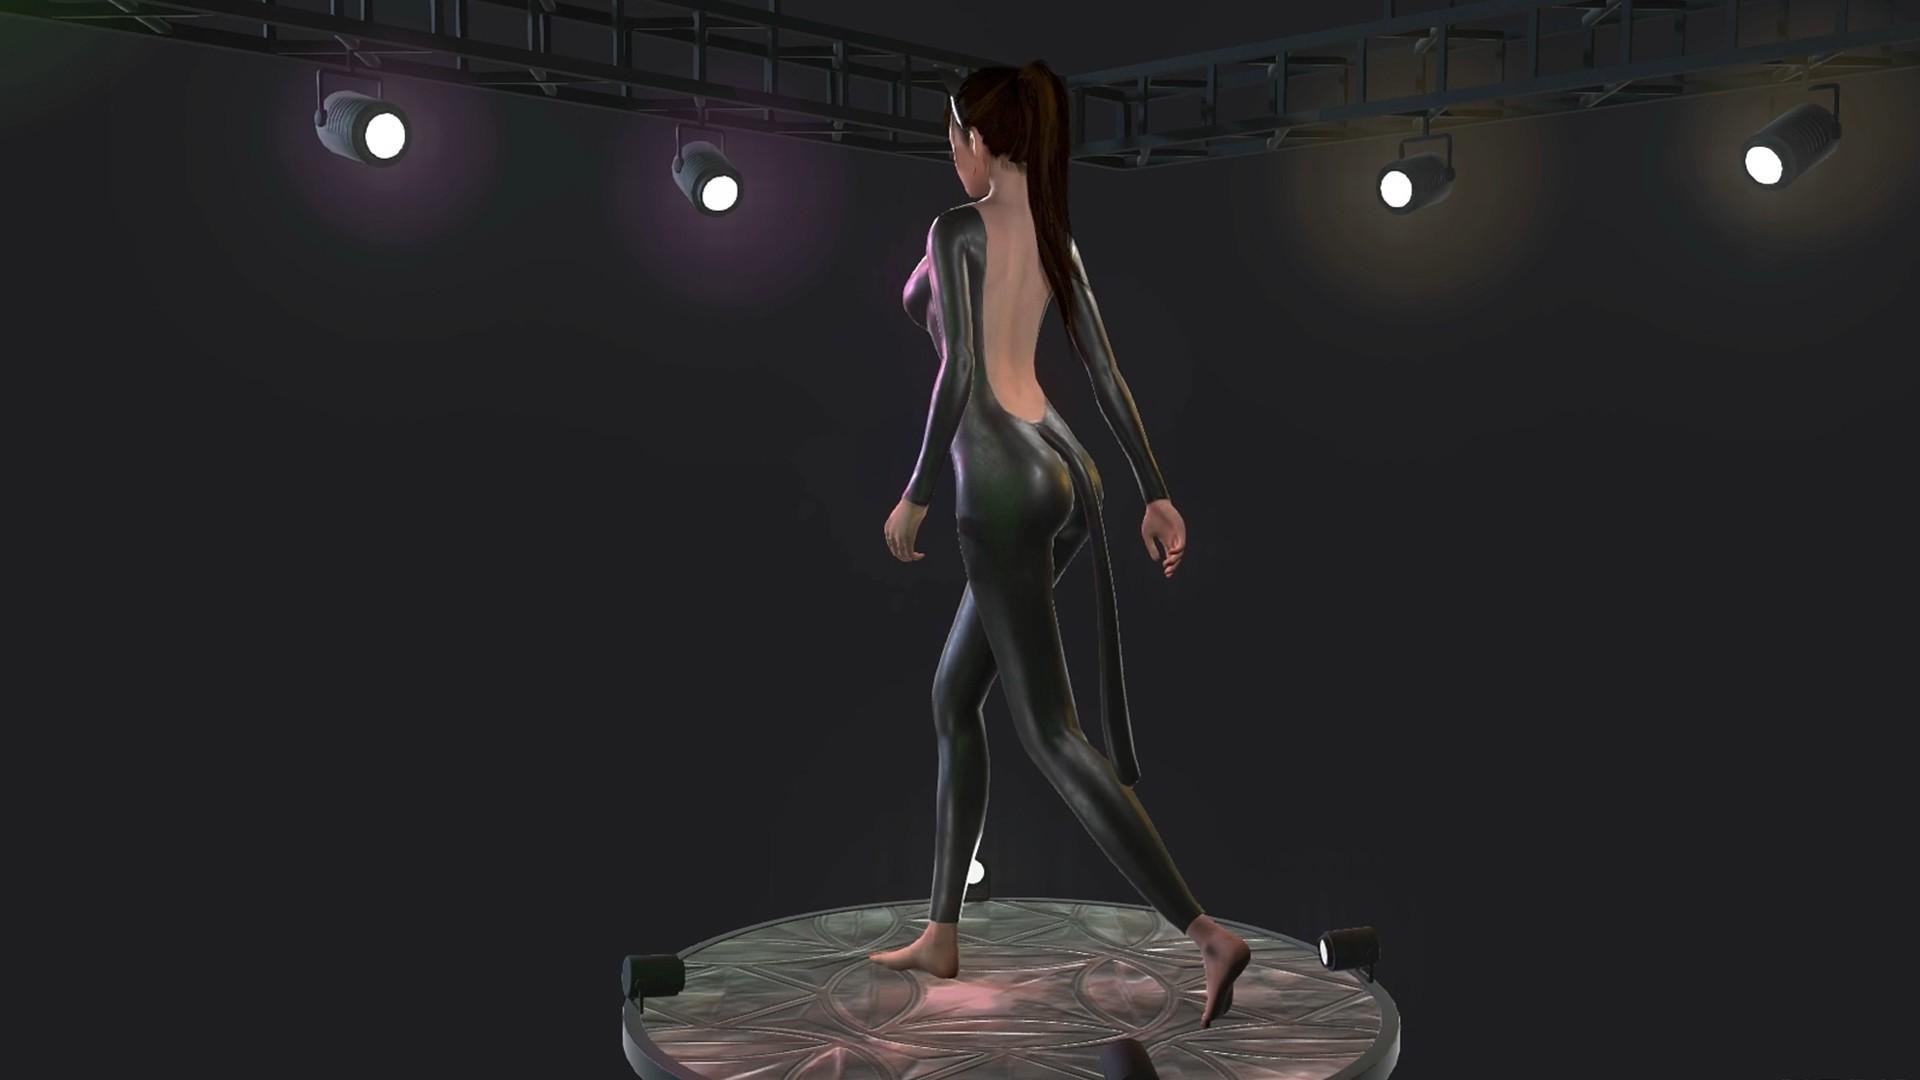 国产武侠《嗜血印》更新送福利 妹子穿性感装撩人